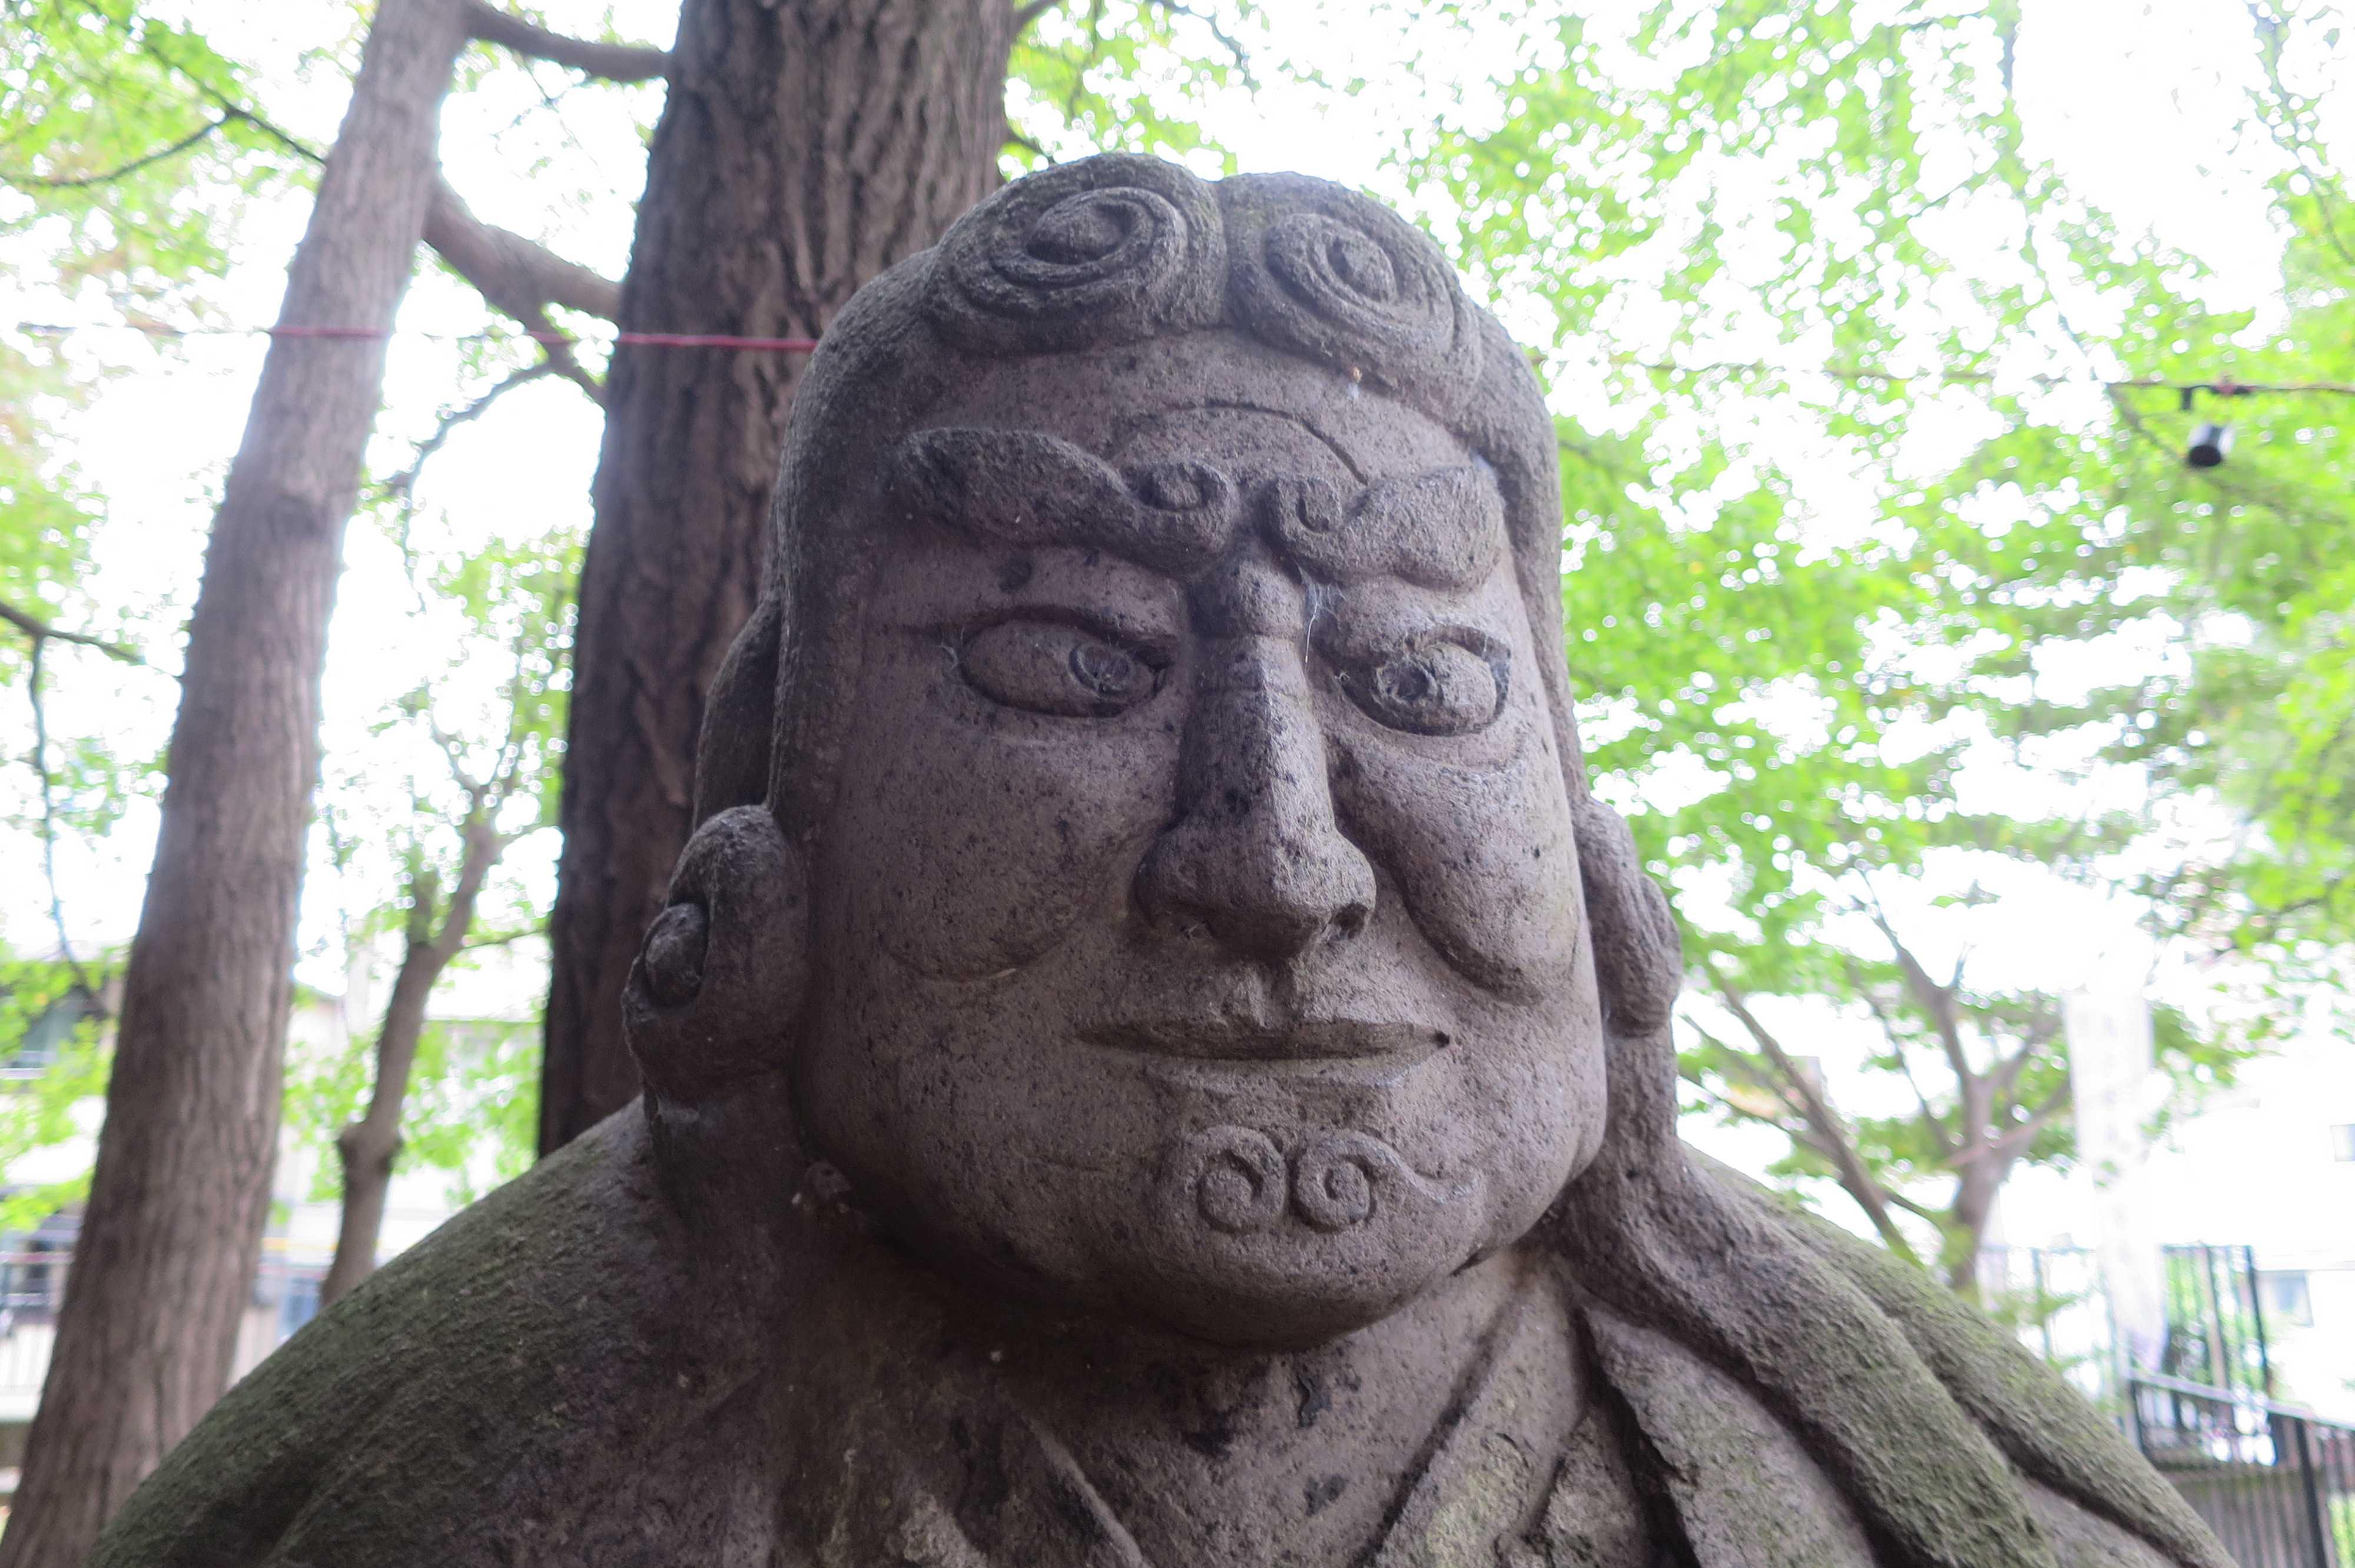 東京 雑司が谷・鬼子母神堂 - 鬼子母神のご尊顔